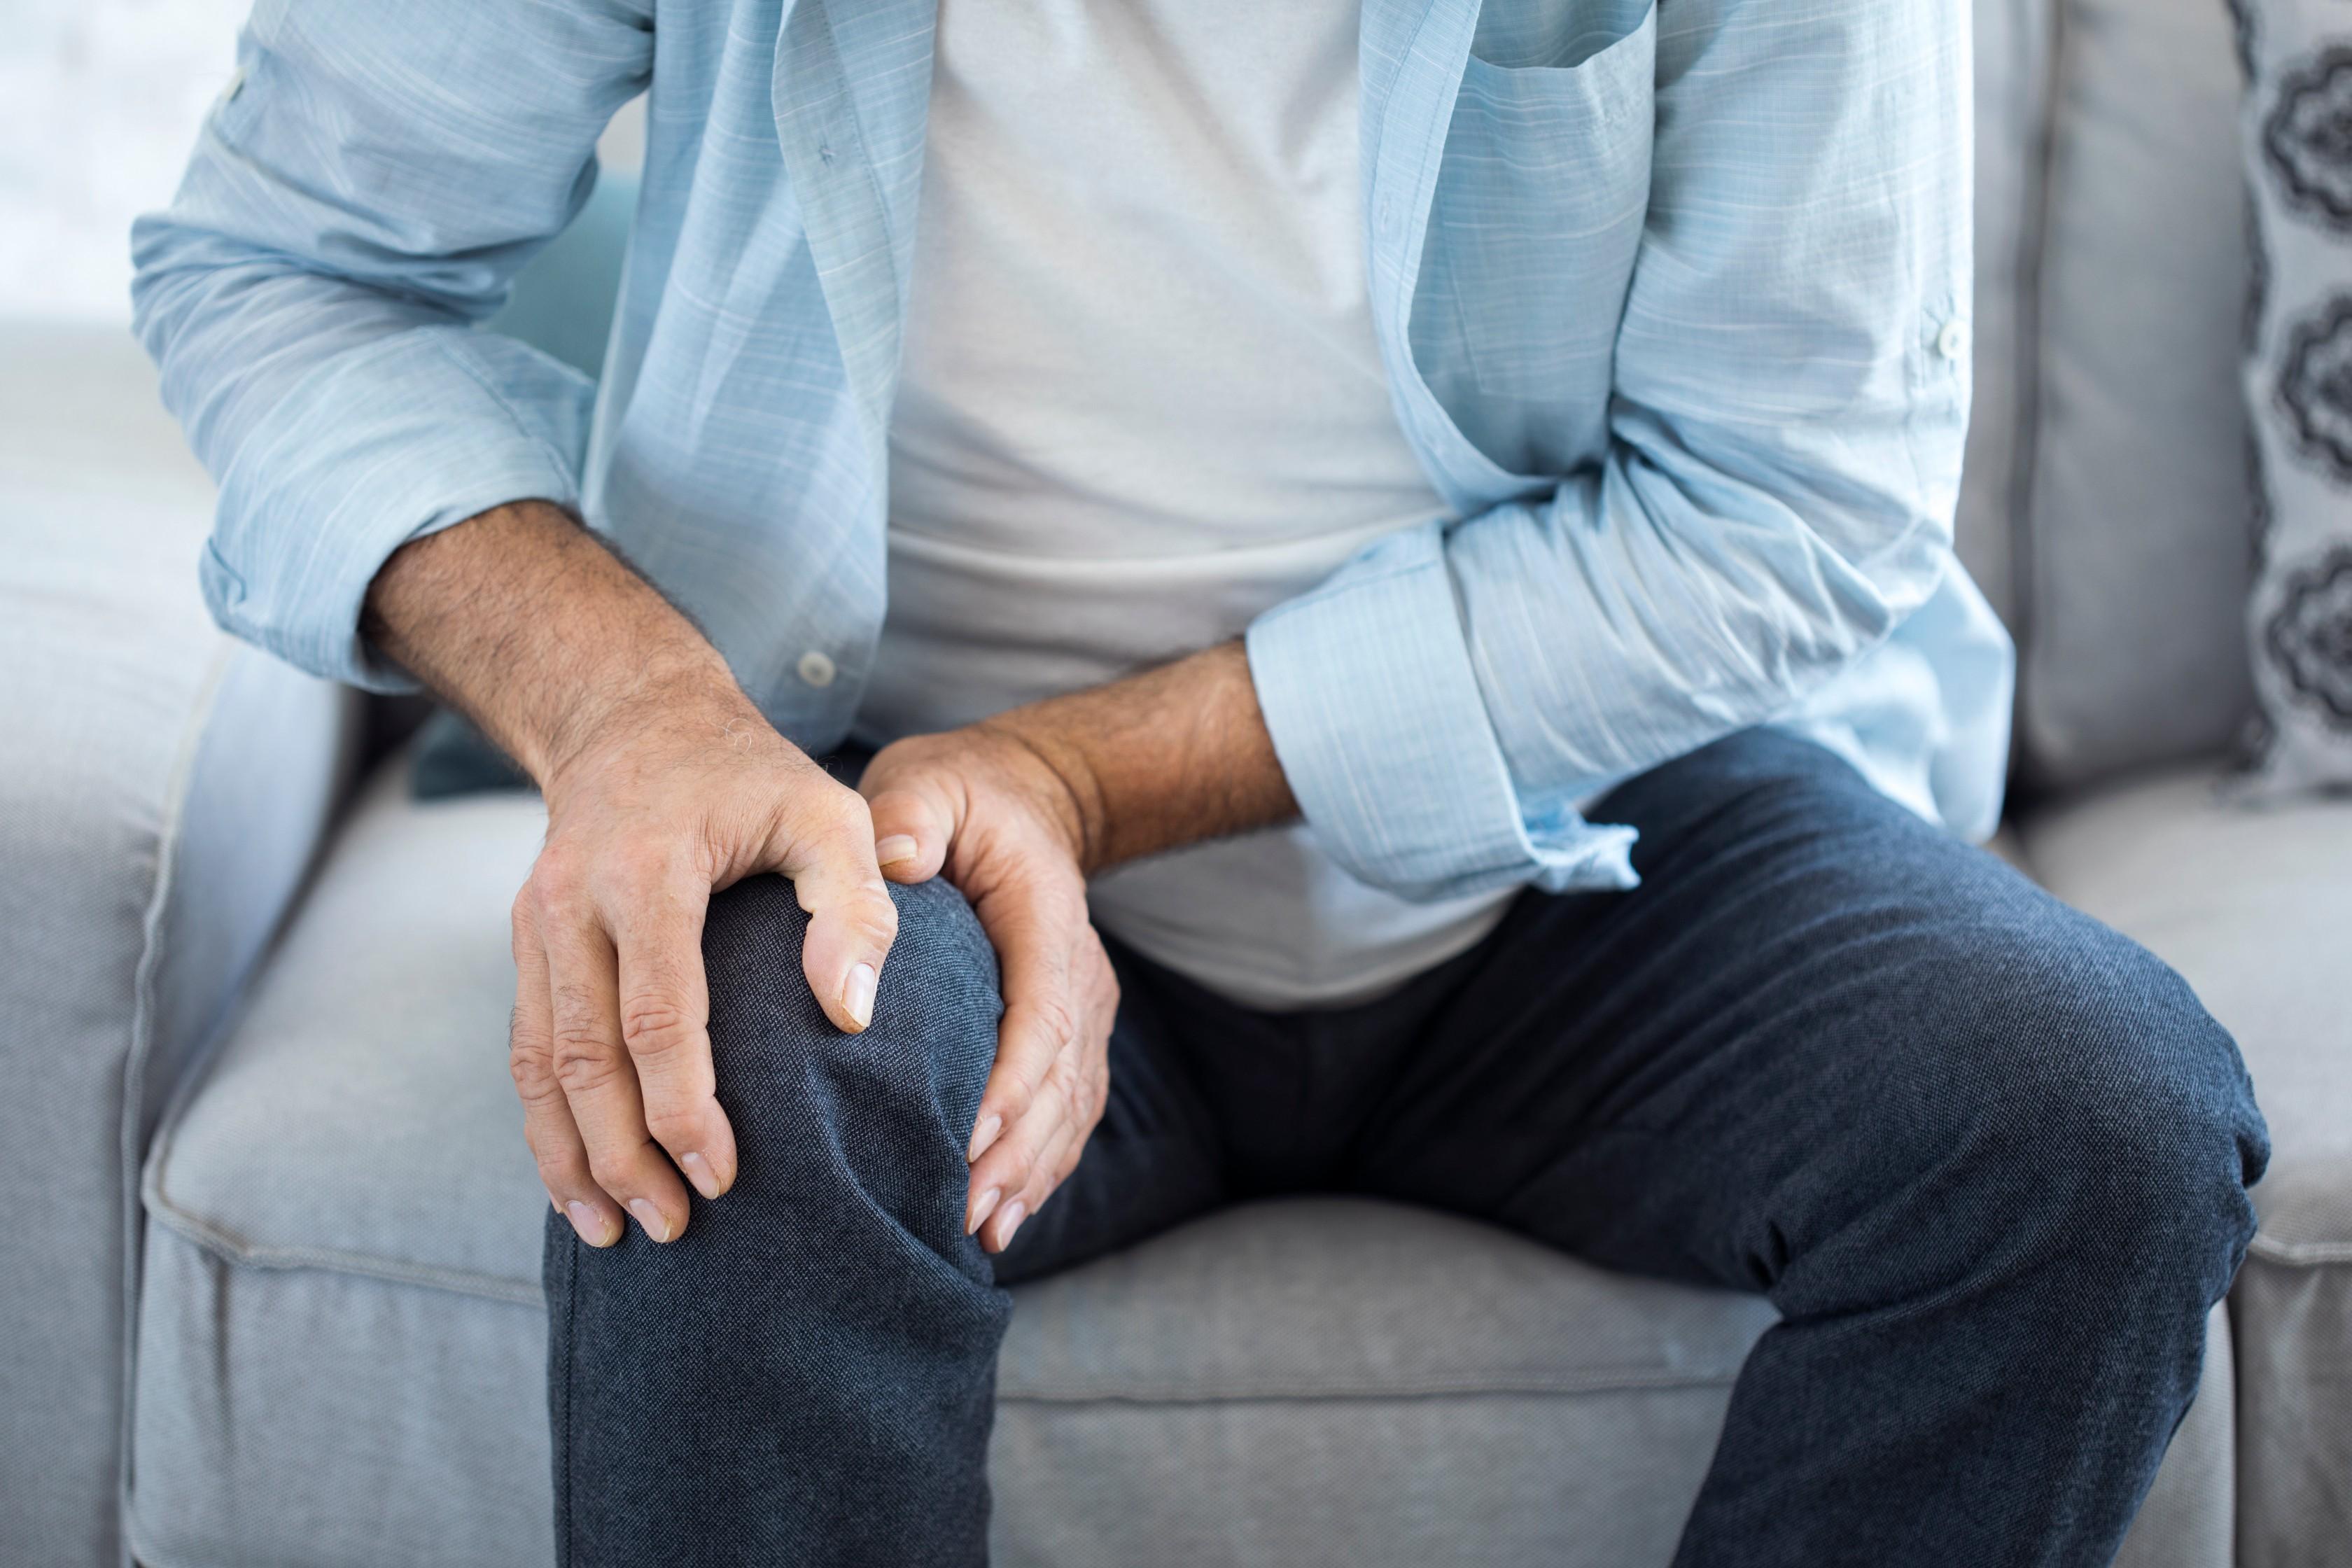 ízületi fájdalom diszlokációs kezelés után